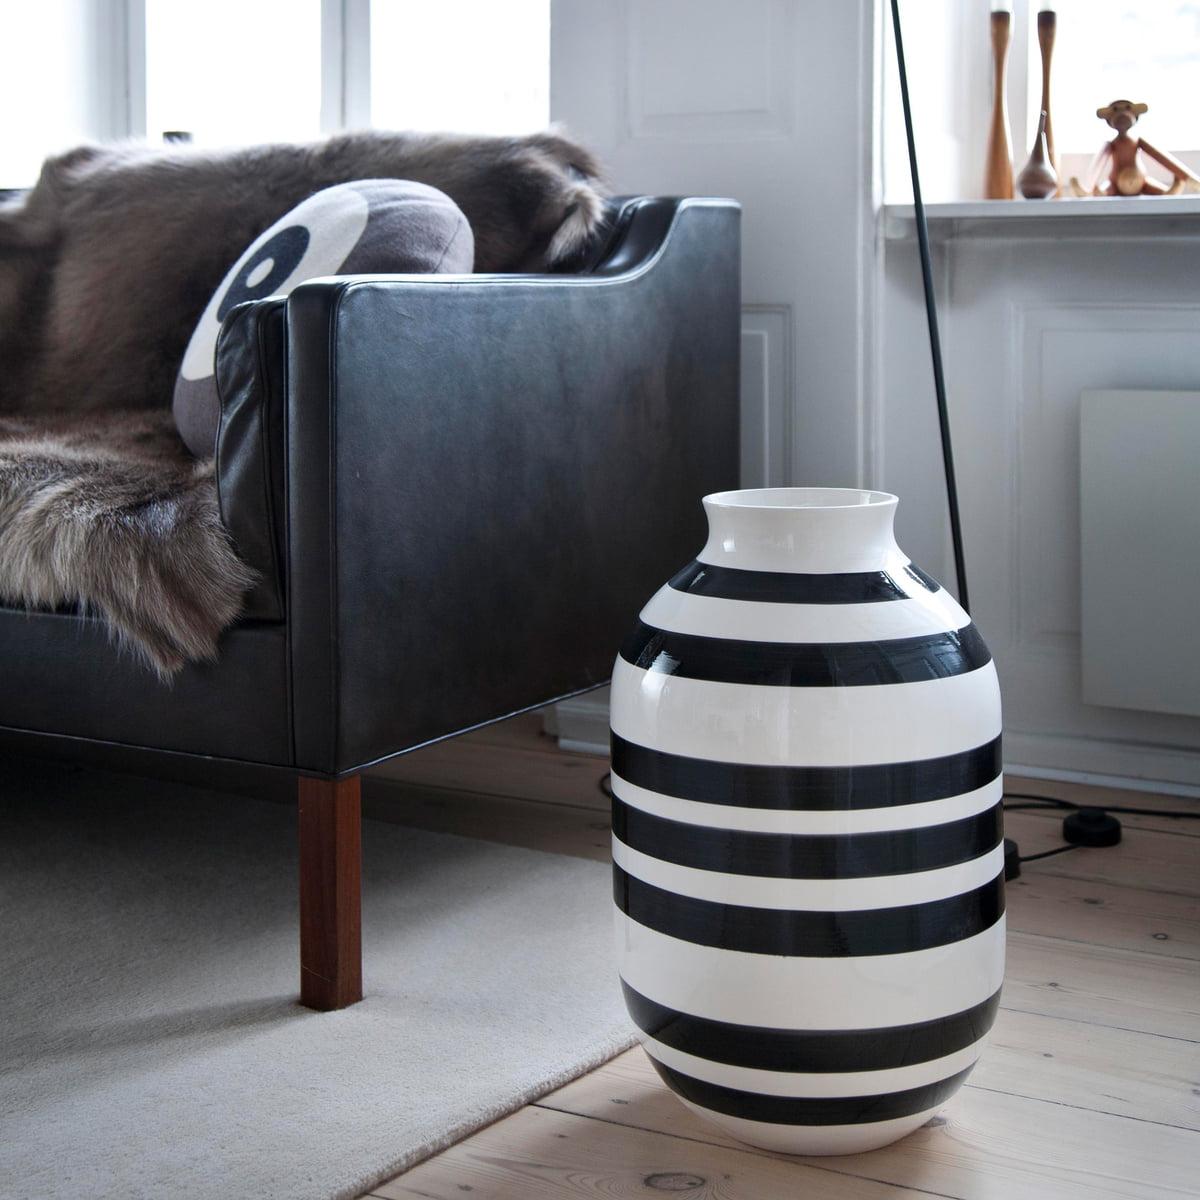 the omaggio vase h 50 cm by k hler design. Black Bedroom Furniture Sets. Home Design Ideas